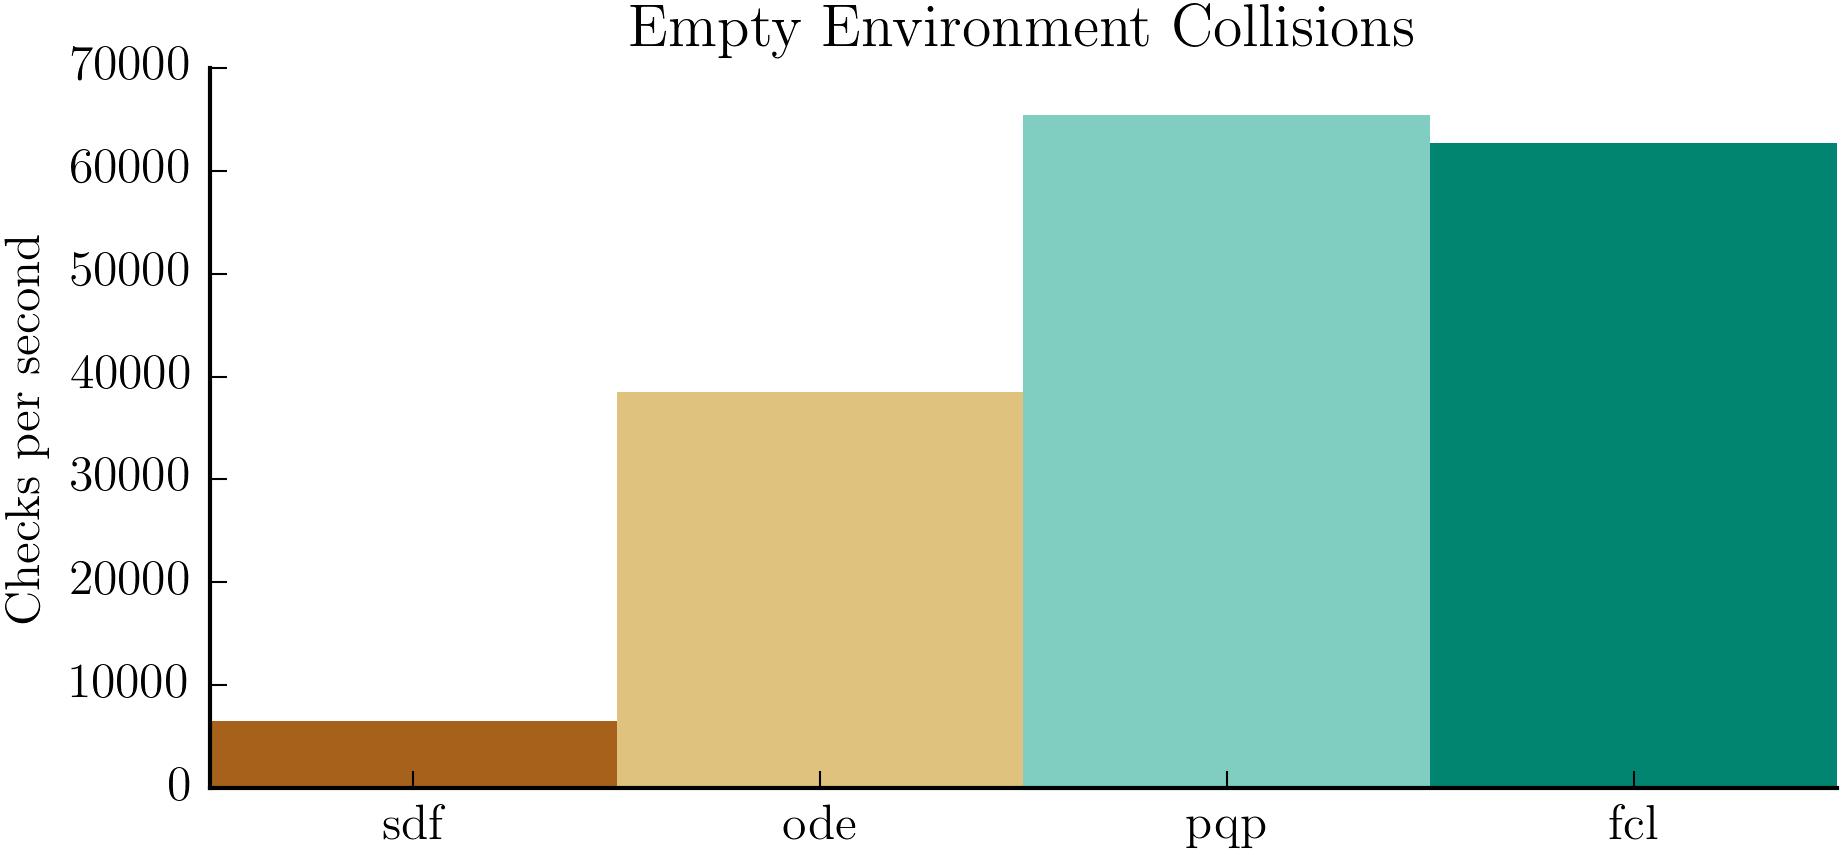 empty_env_collision_results